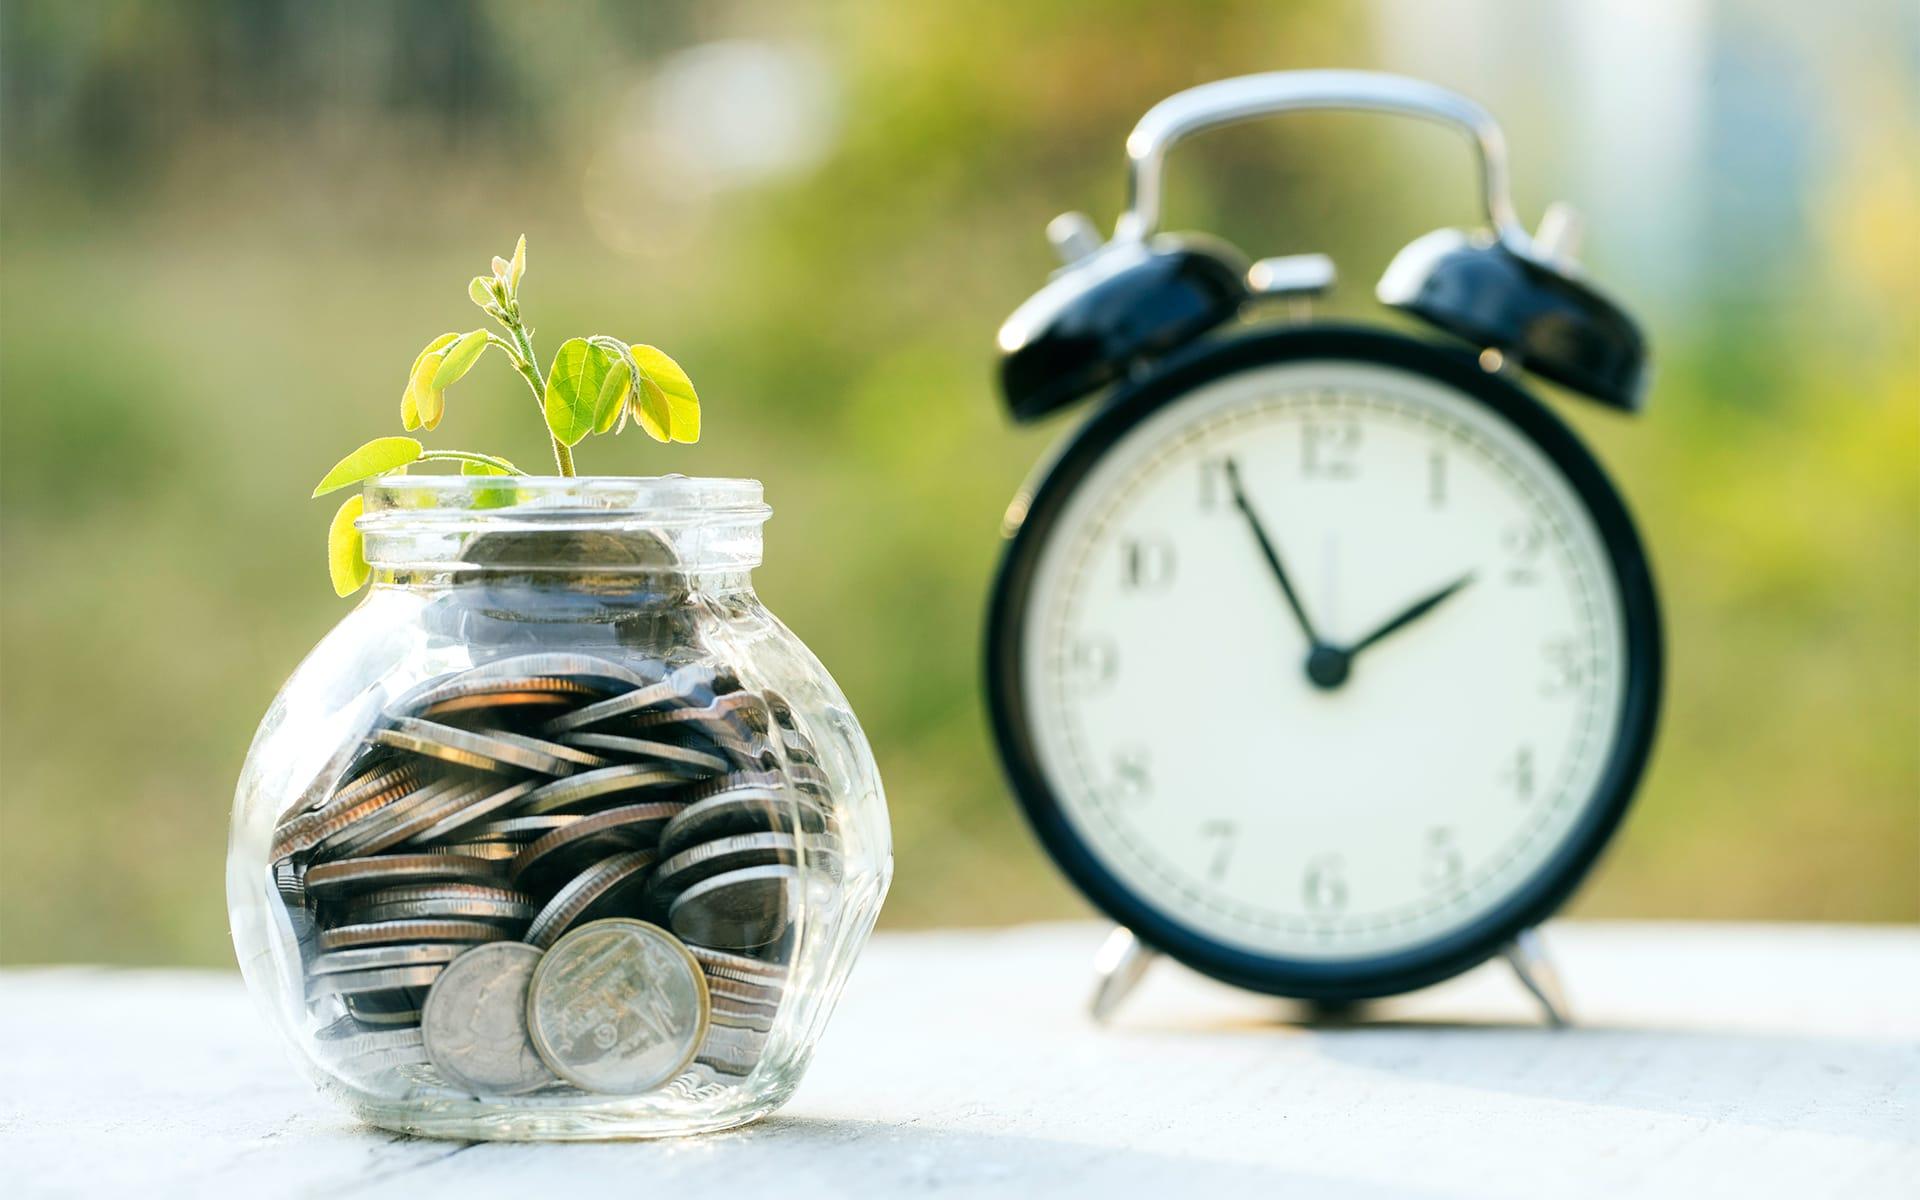 Zeit und Kosten sparen mit Aufgabenmanagement: Wecker und Glas mit Münzen